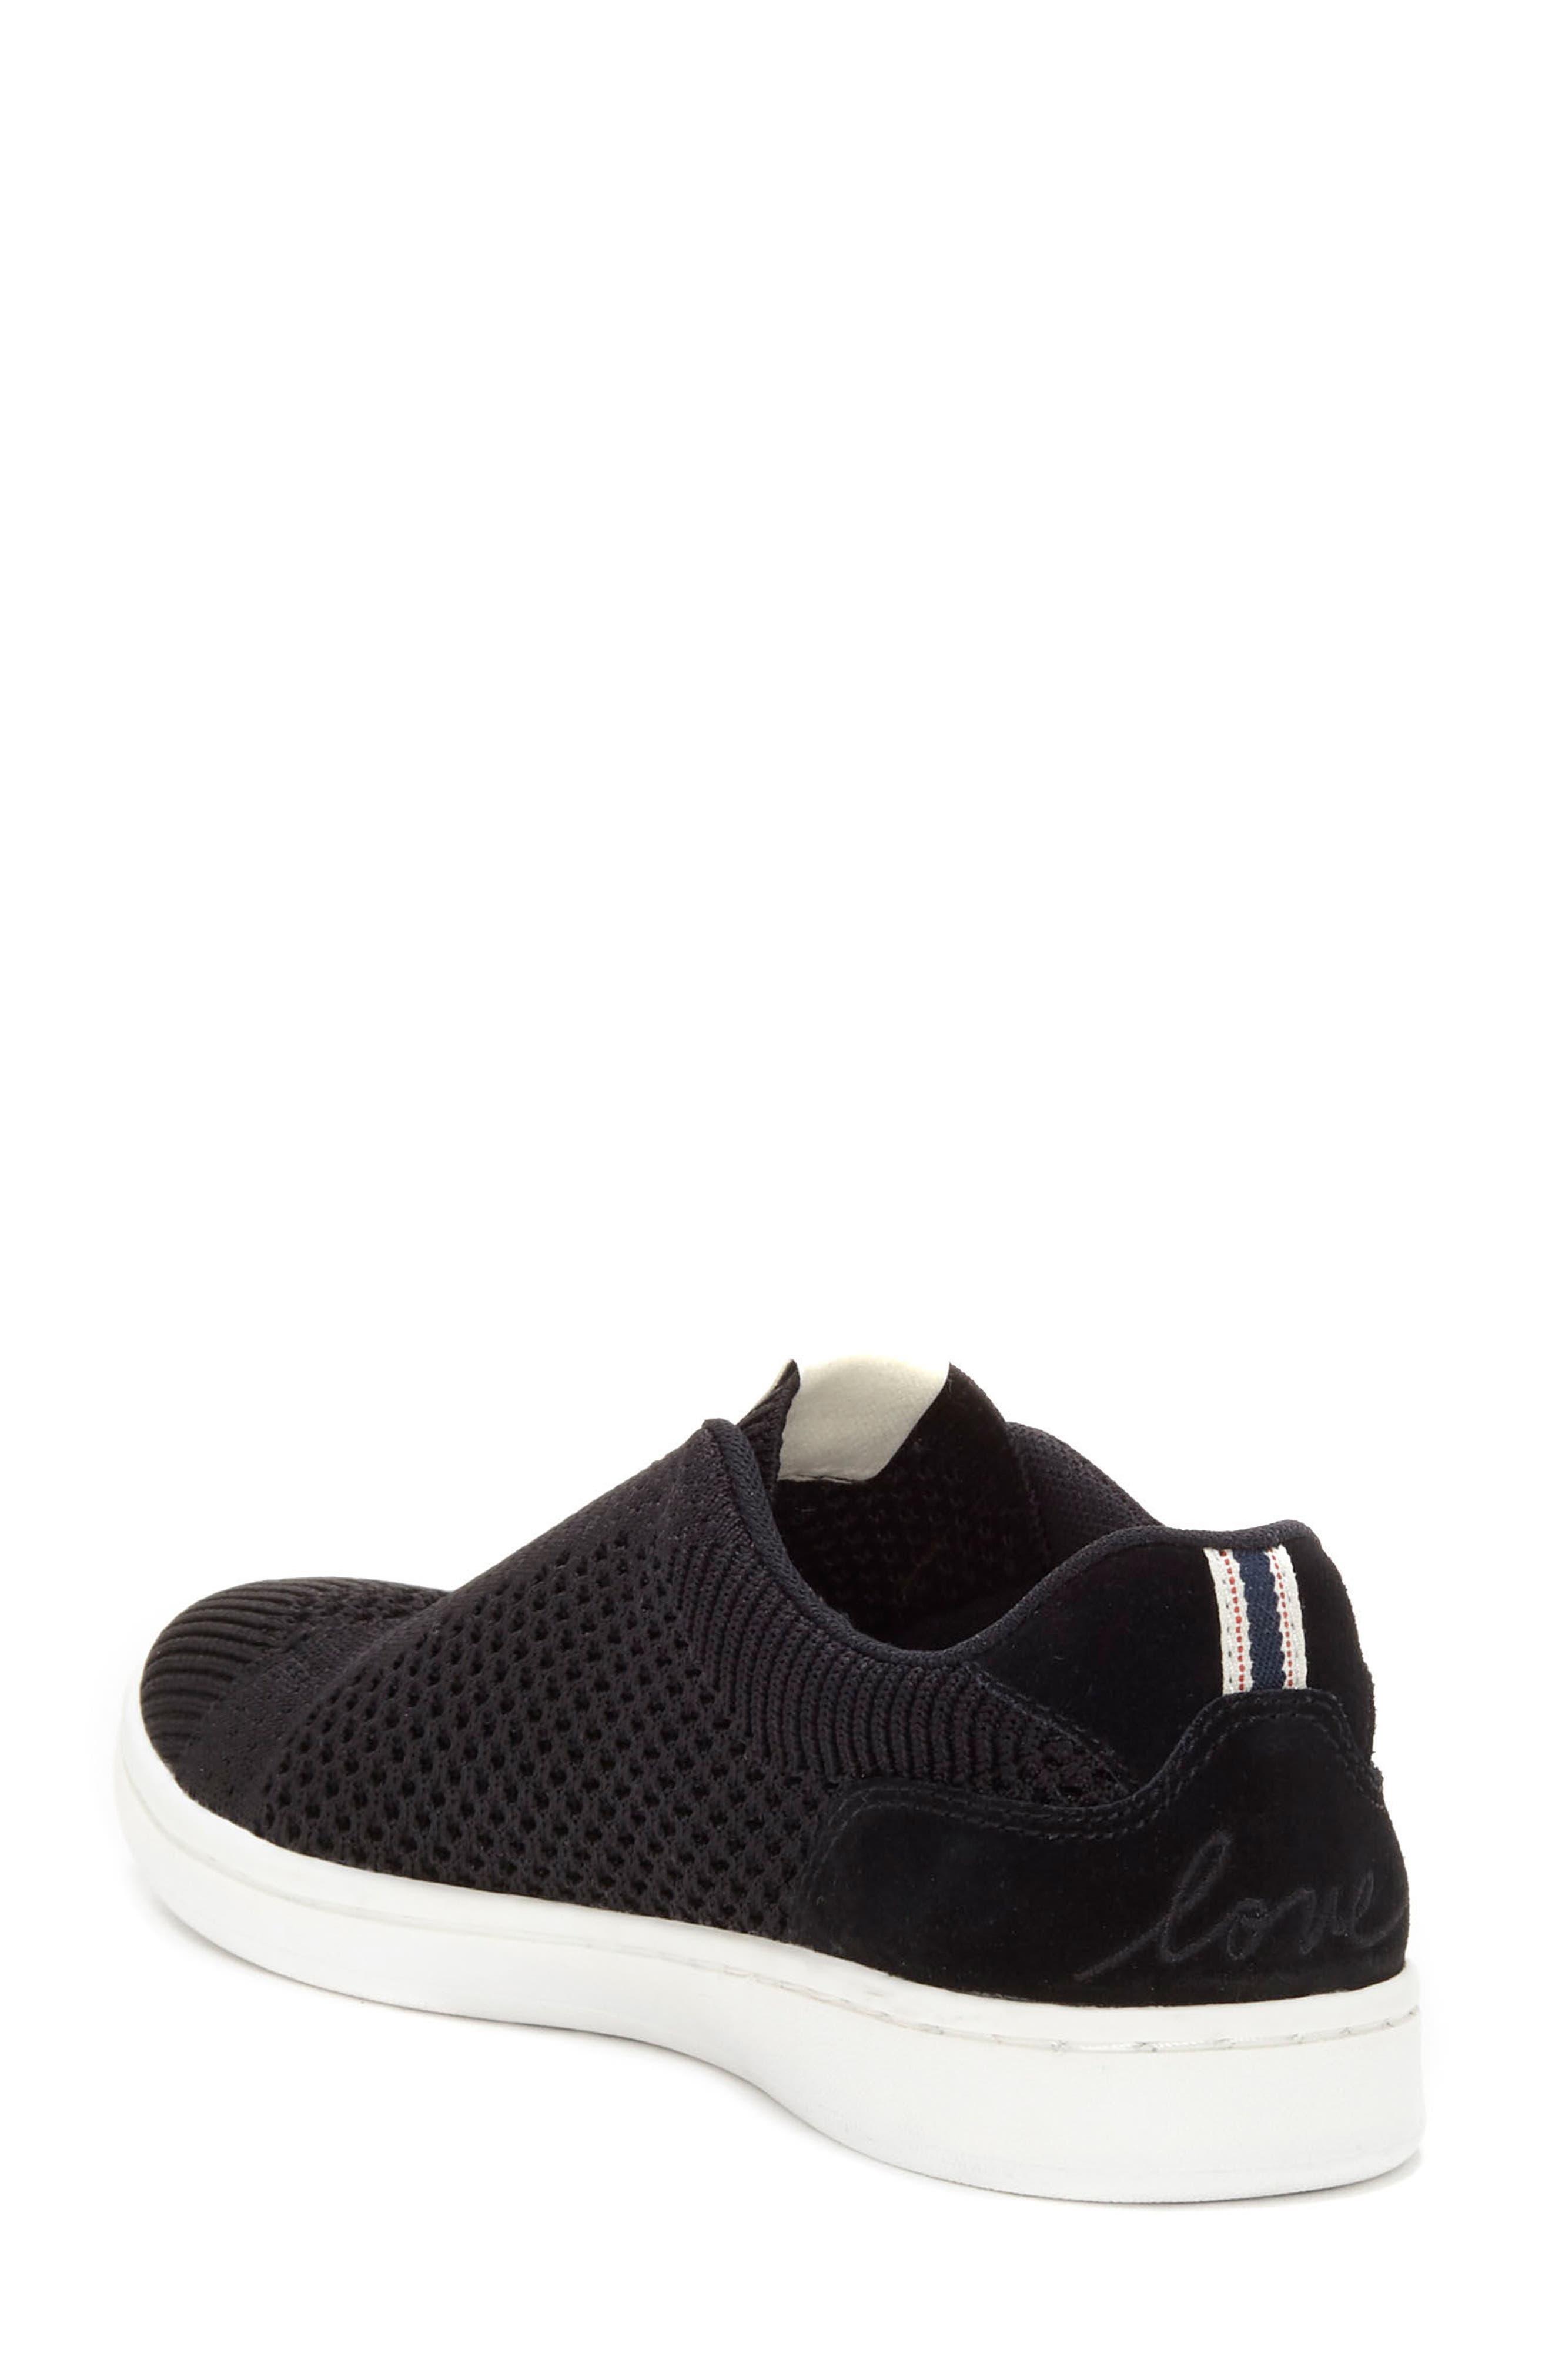 Casbey Slip-On Sneaker,                             Alternate thumbnail 2, color,                             002